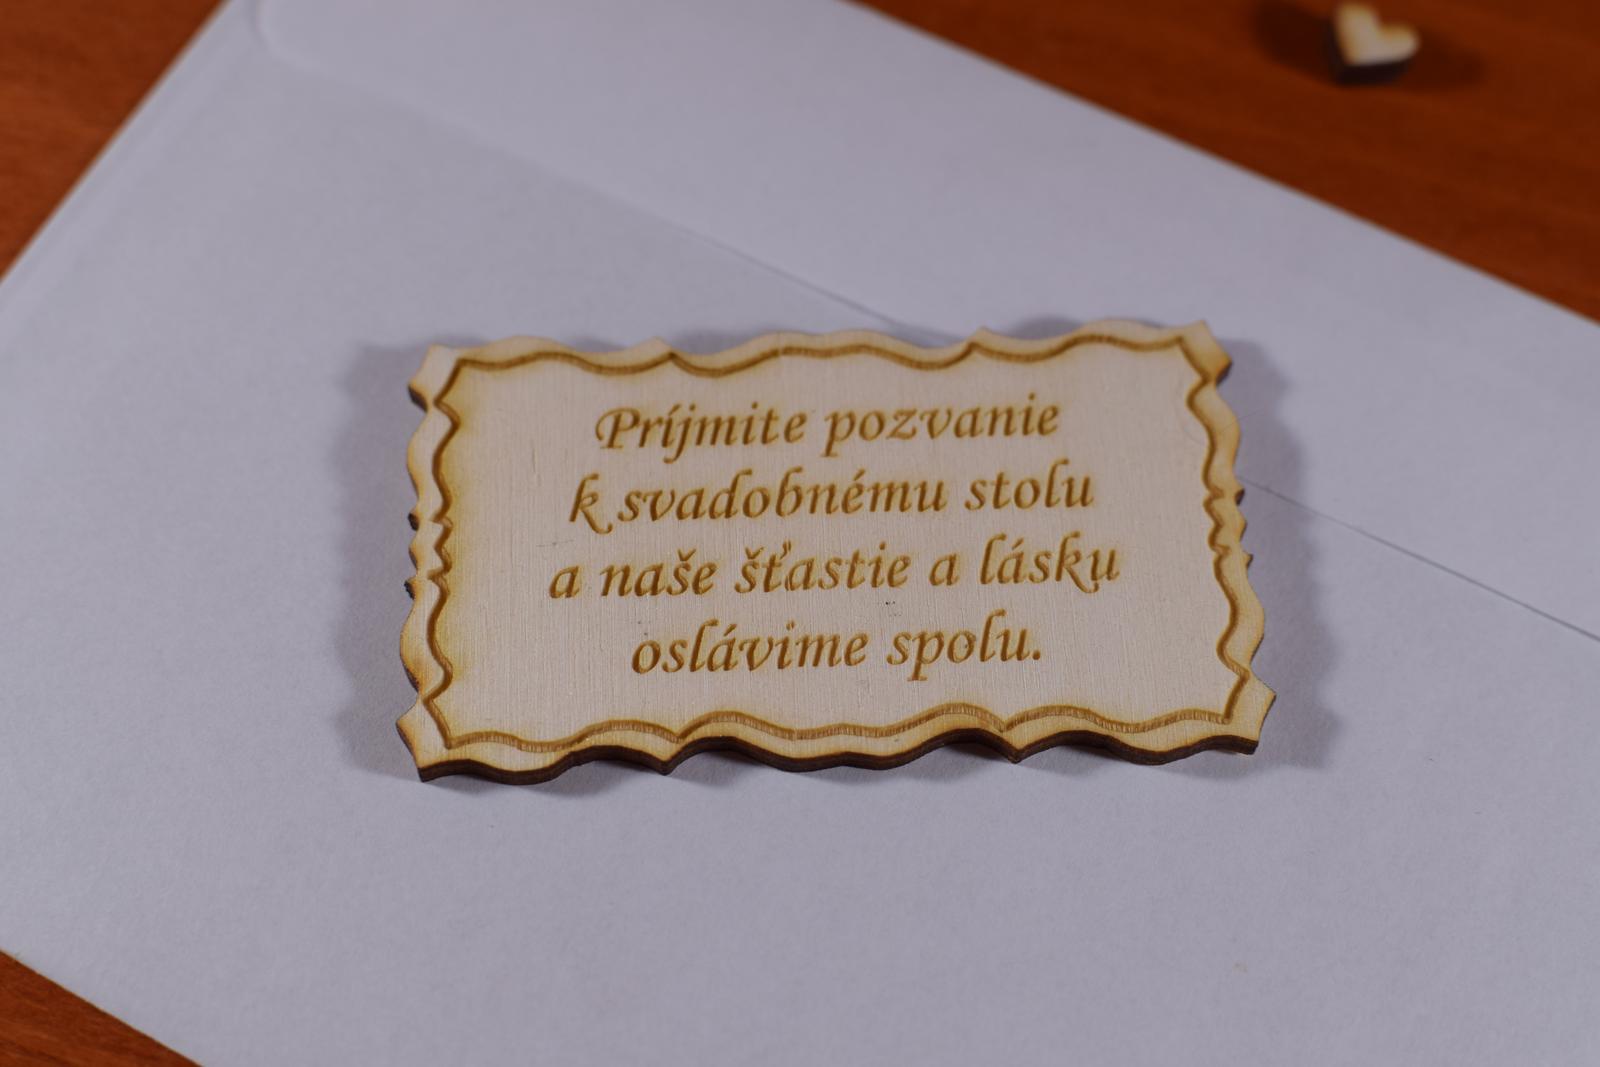 Pozvánka ku svadobnému stolu doplnok k oznámeniu 1 - Obrázok č. 2